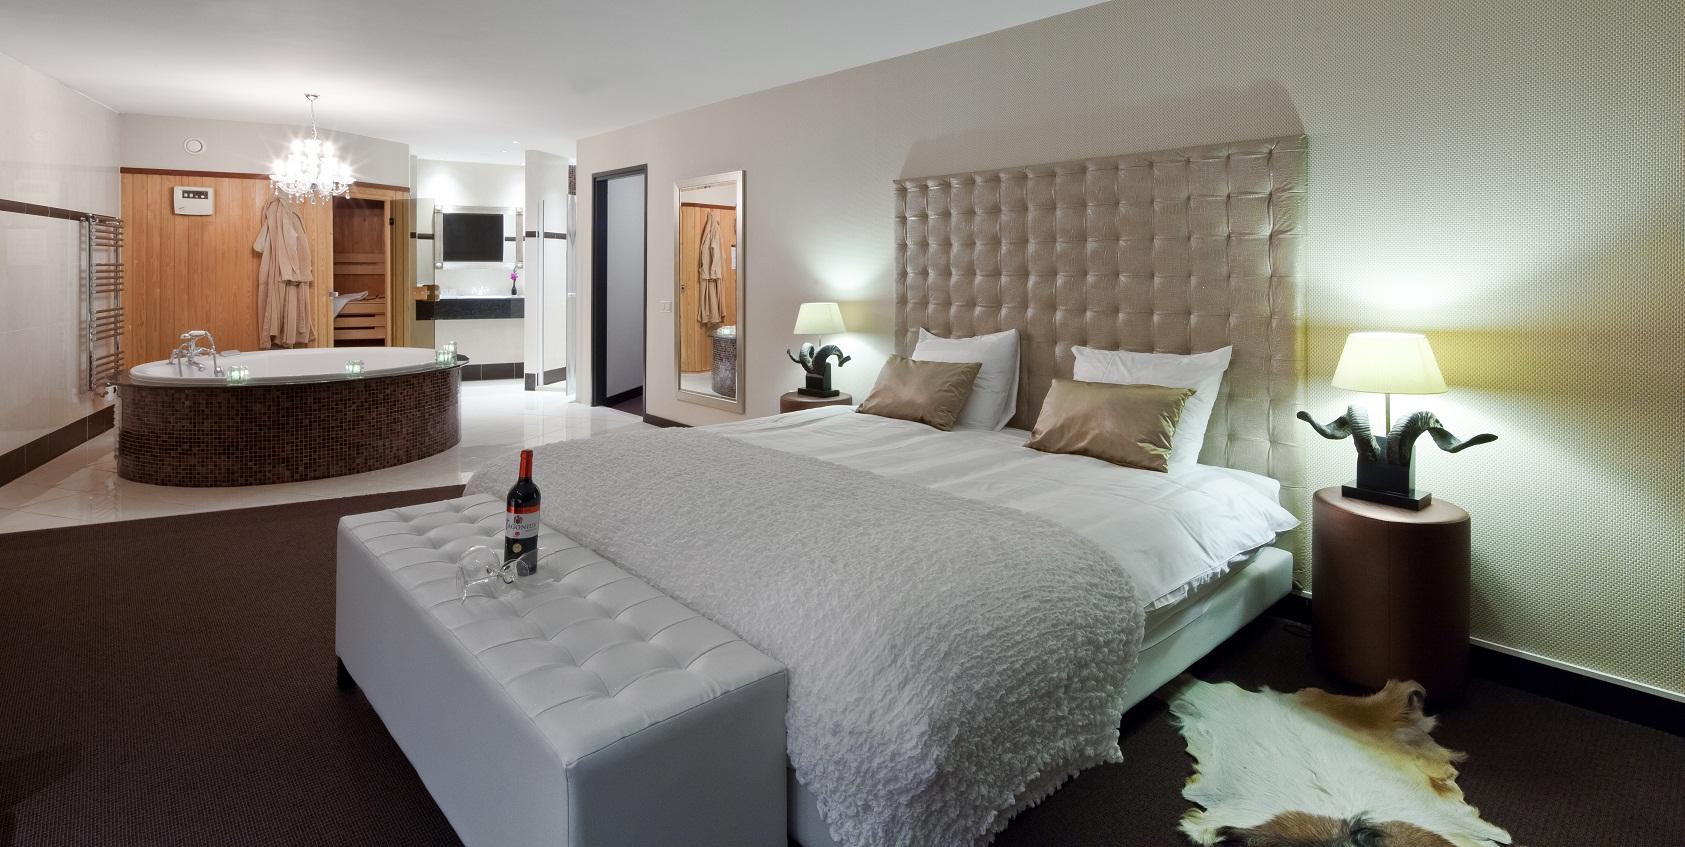 De 3 spannendste hotelkamers van nederland lovetosurprise redboxxx - Romantische kamers ...